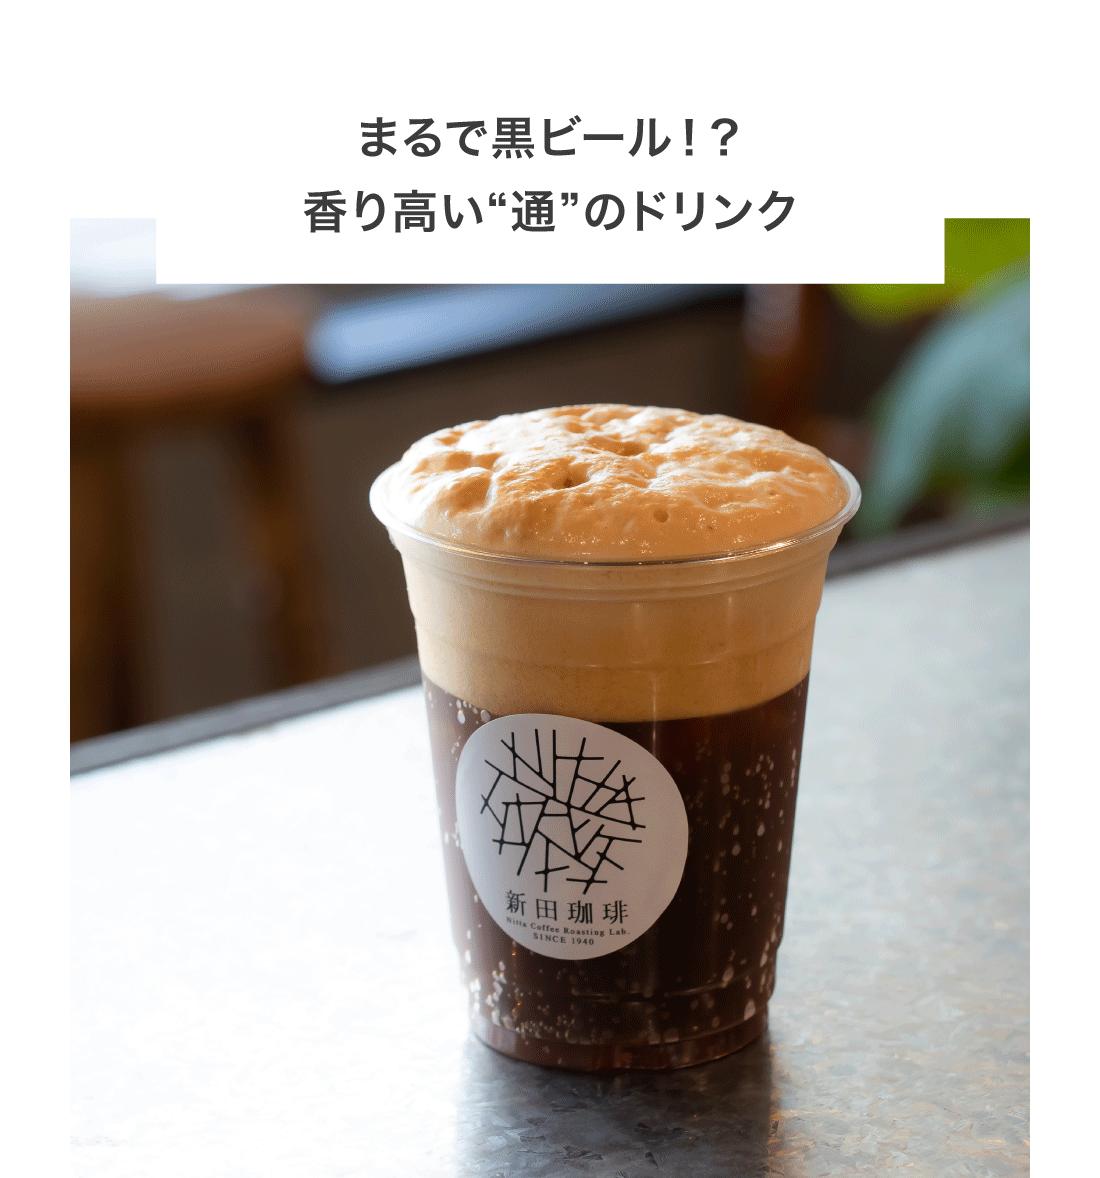 新田珈琲 エスプレッソソーダ